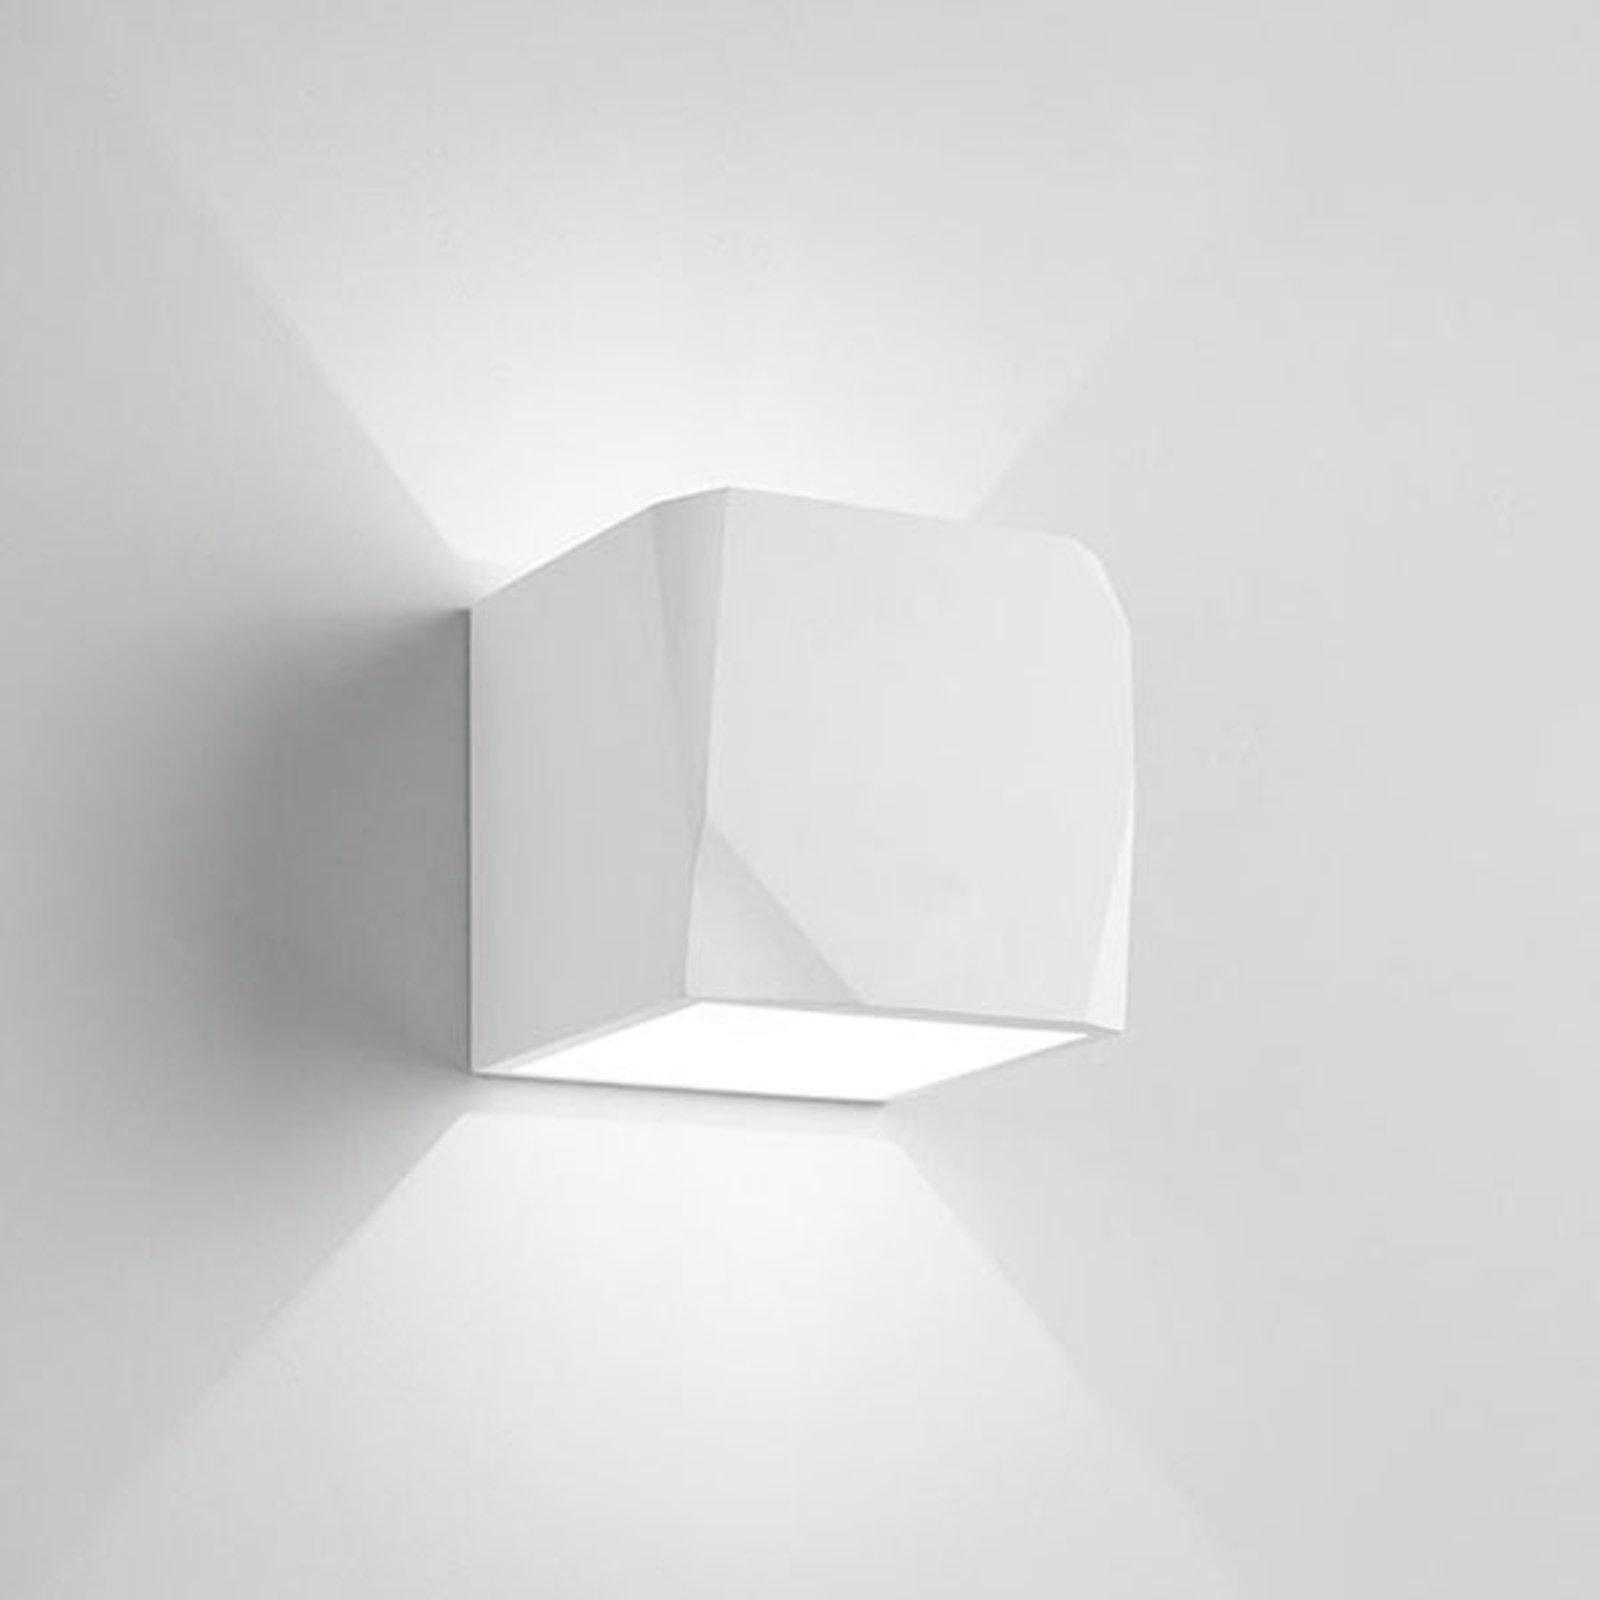 Vegglampe Opus av gips